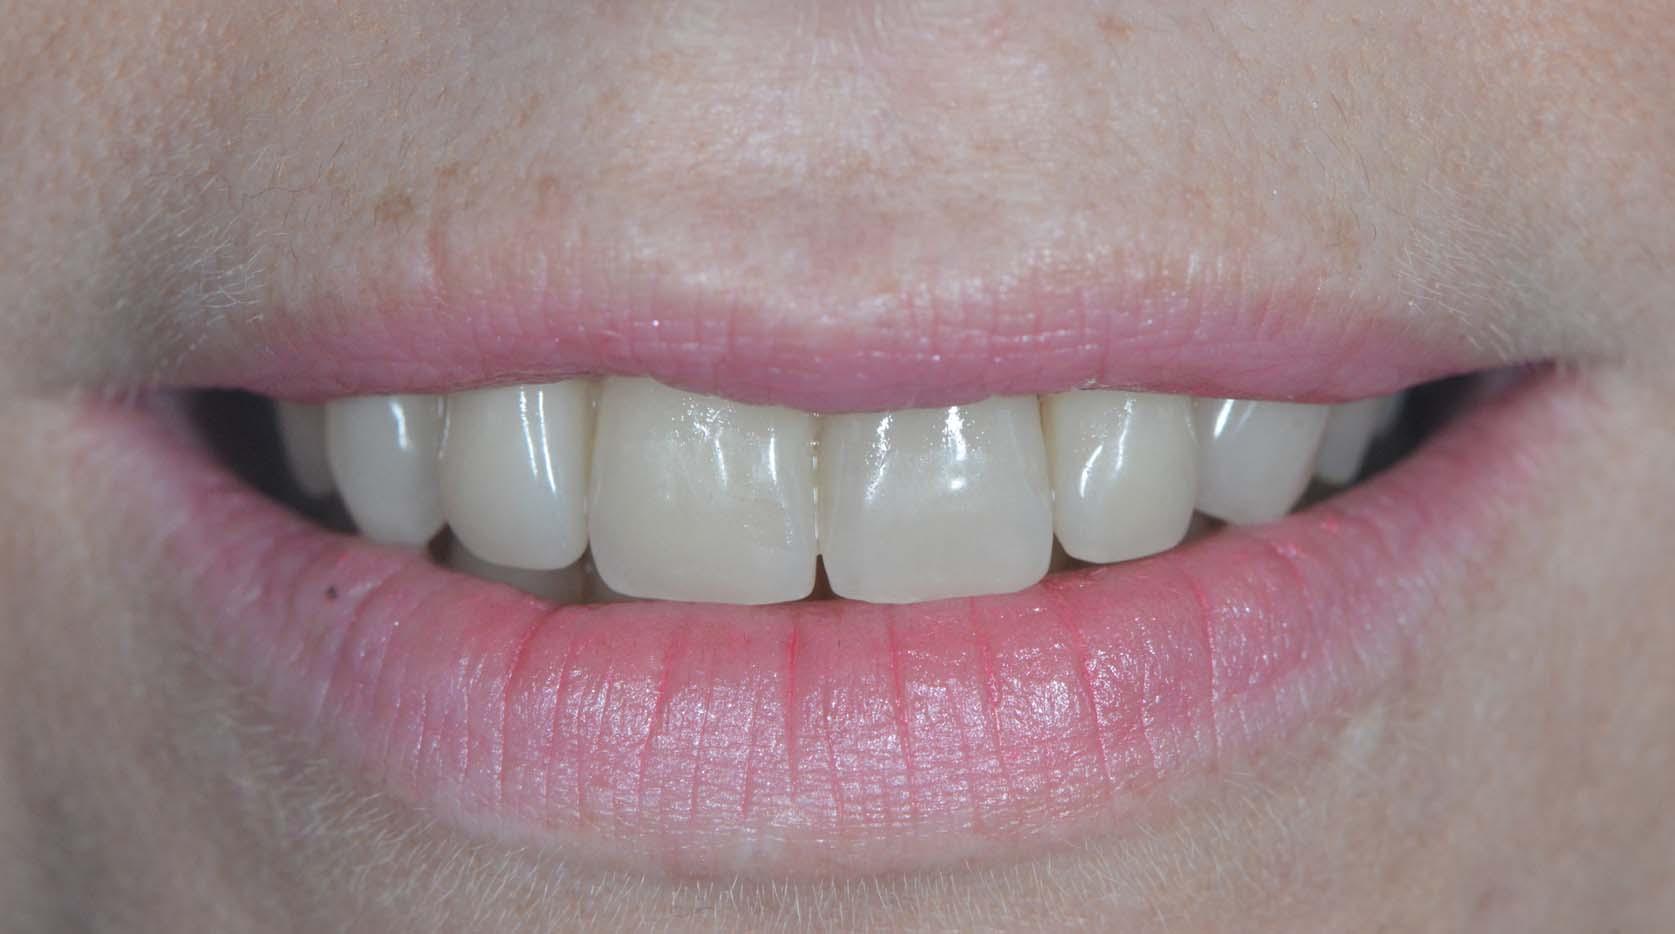 Réalisation dentaires une prothèse réussie par des professionnels de la santé